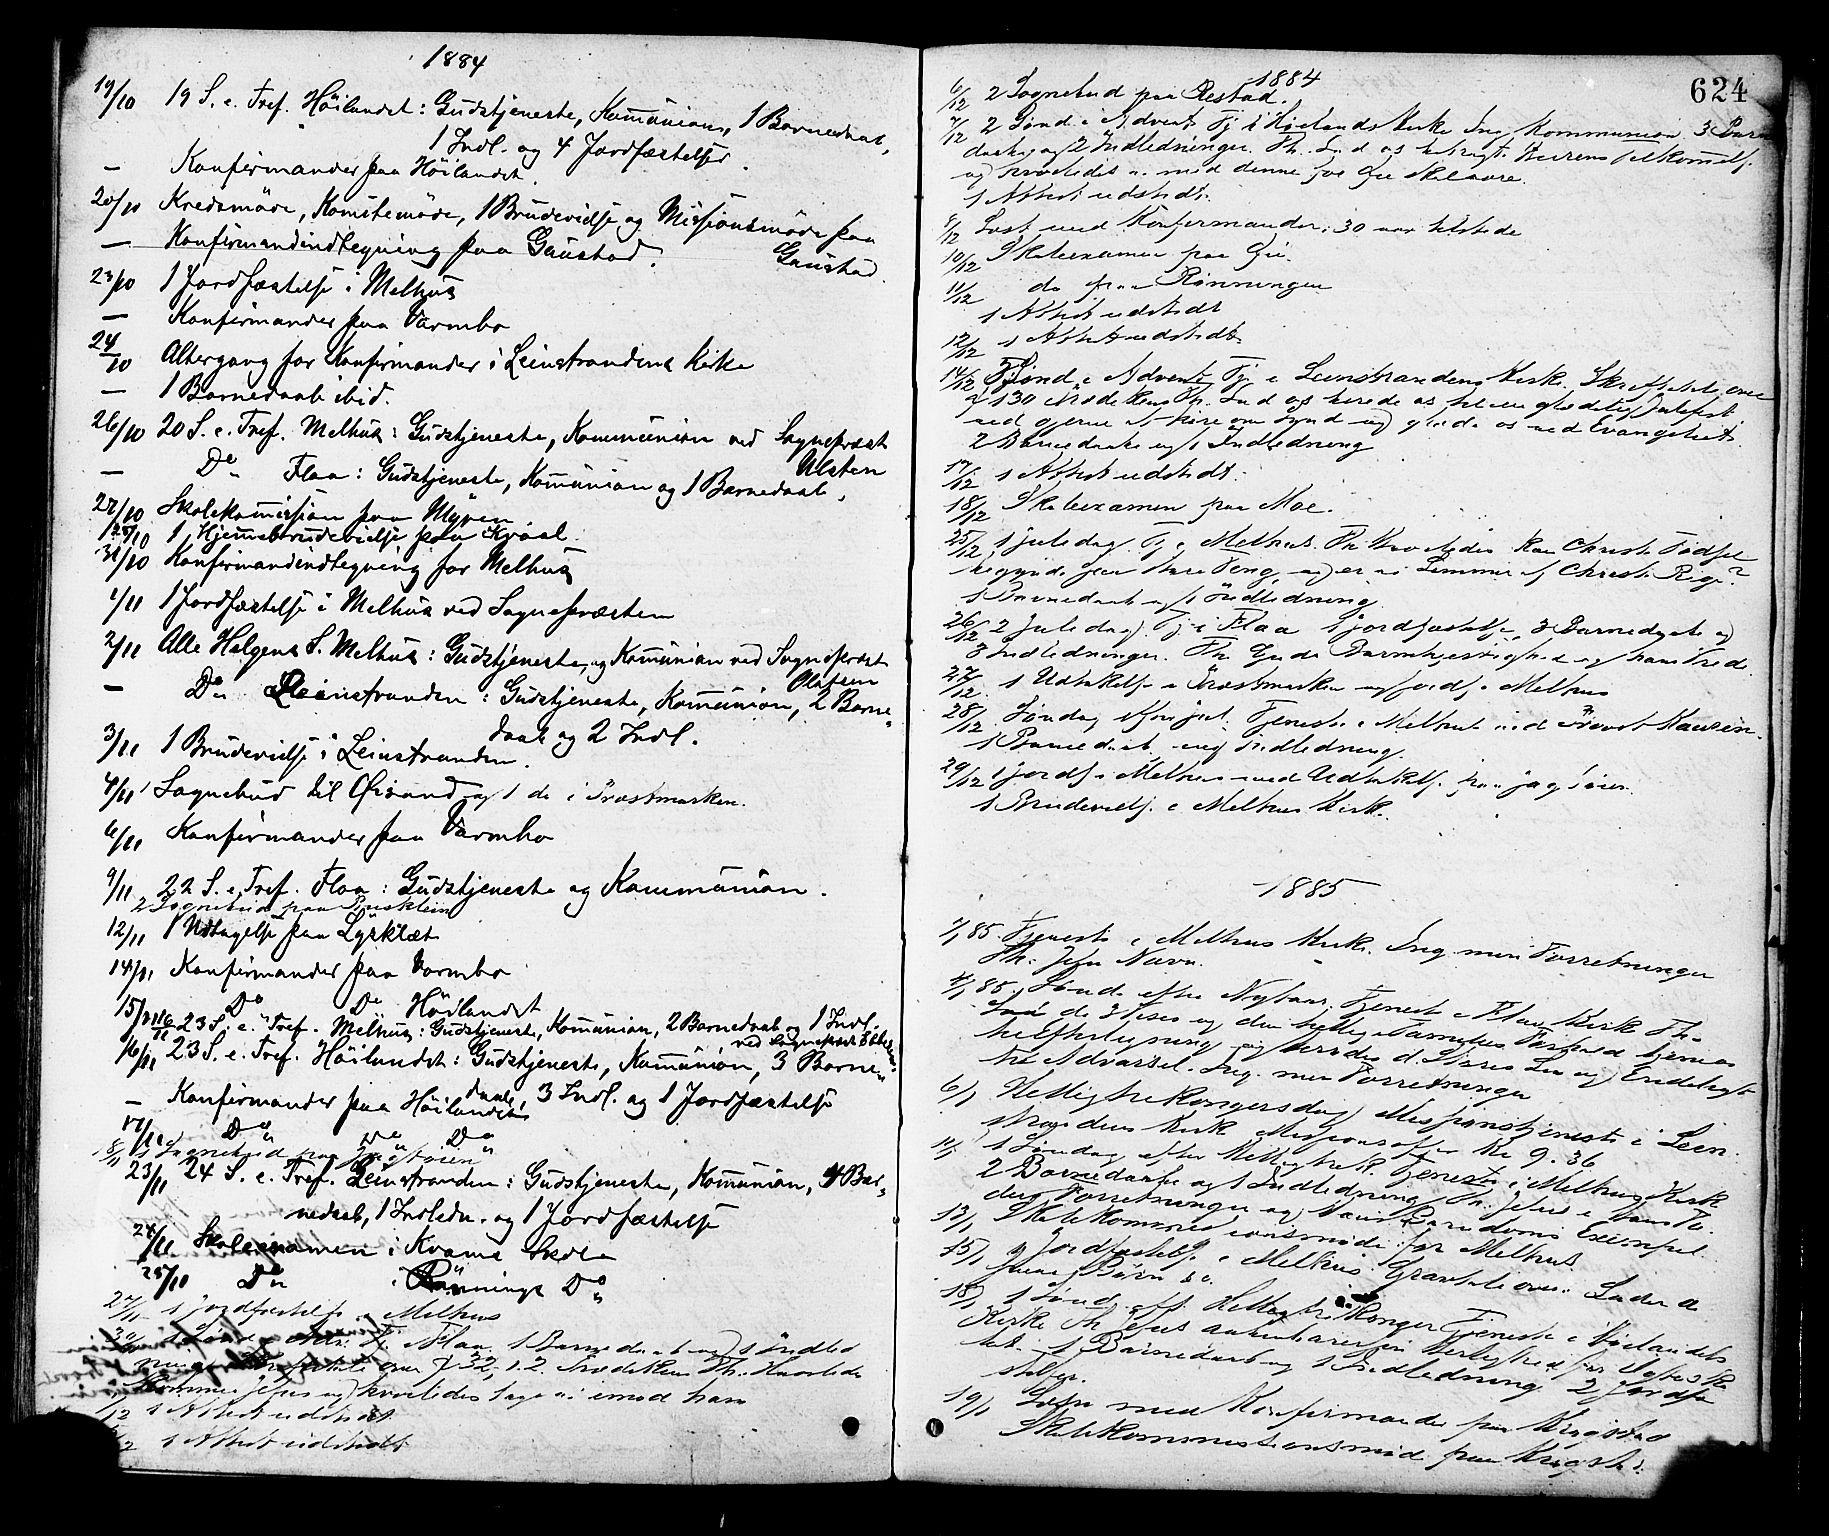 SAT, Ministerialprotokoller, klokkerbøker og fødselsregistre - Sør-Trøndelag, 691/L1079: Ministerialbok nr. 691A11, 1873-1886, s. 624